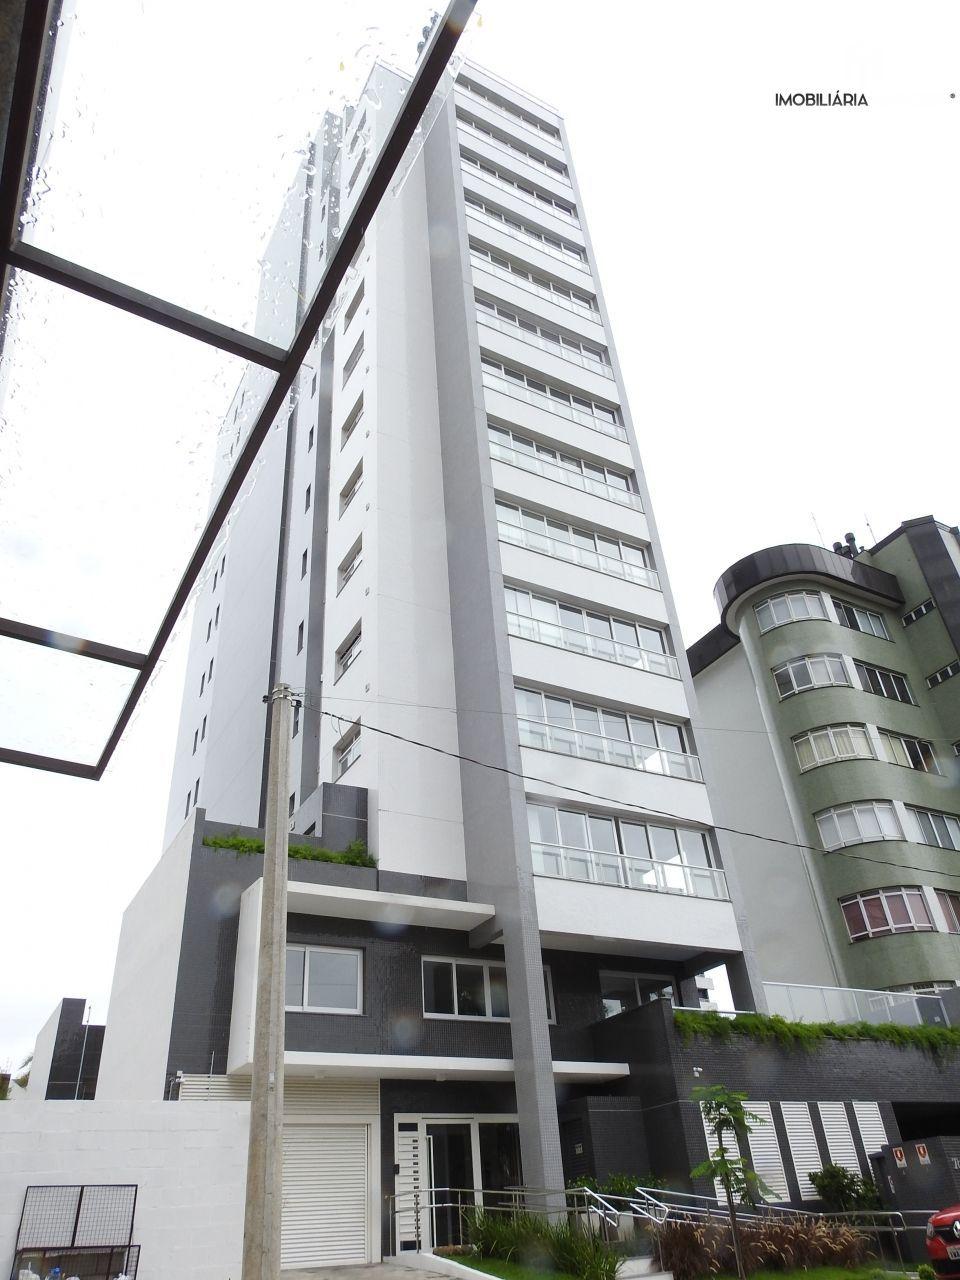 Apartamento com 3 Dormitórios à venda, 202 m² por R$ 1.600.000,00